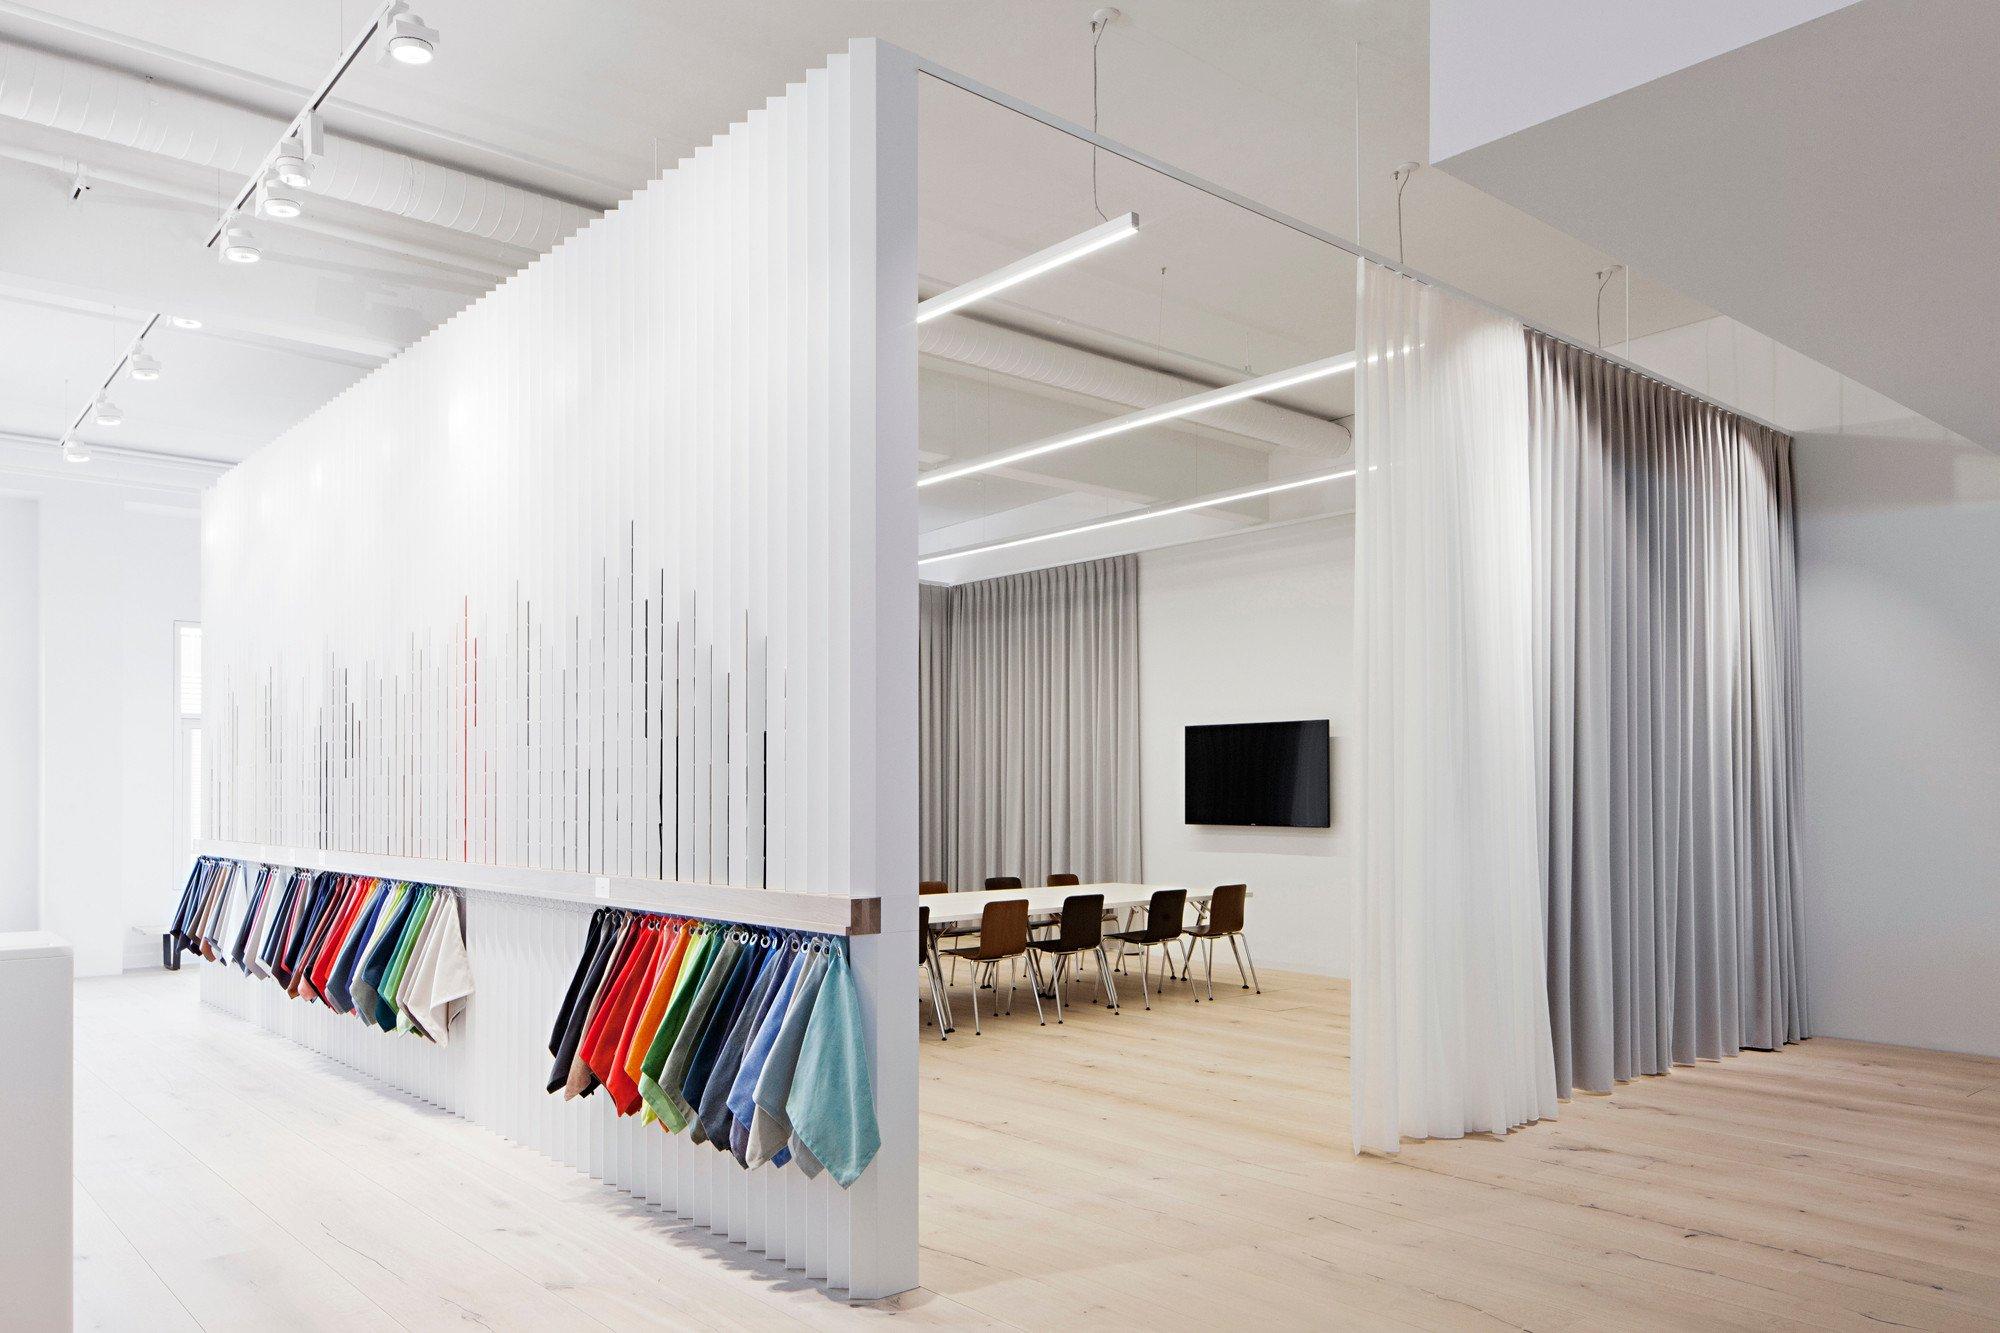 Vorhang Schallabsorbierend Dekoration : Schallabsorbierende sprühbeschichtung akustik news produkte